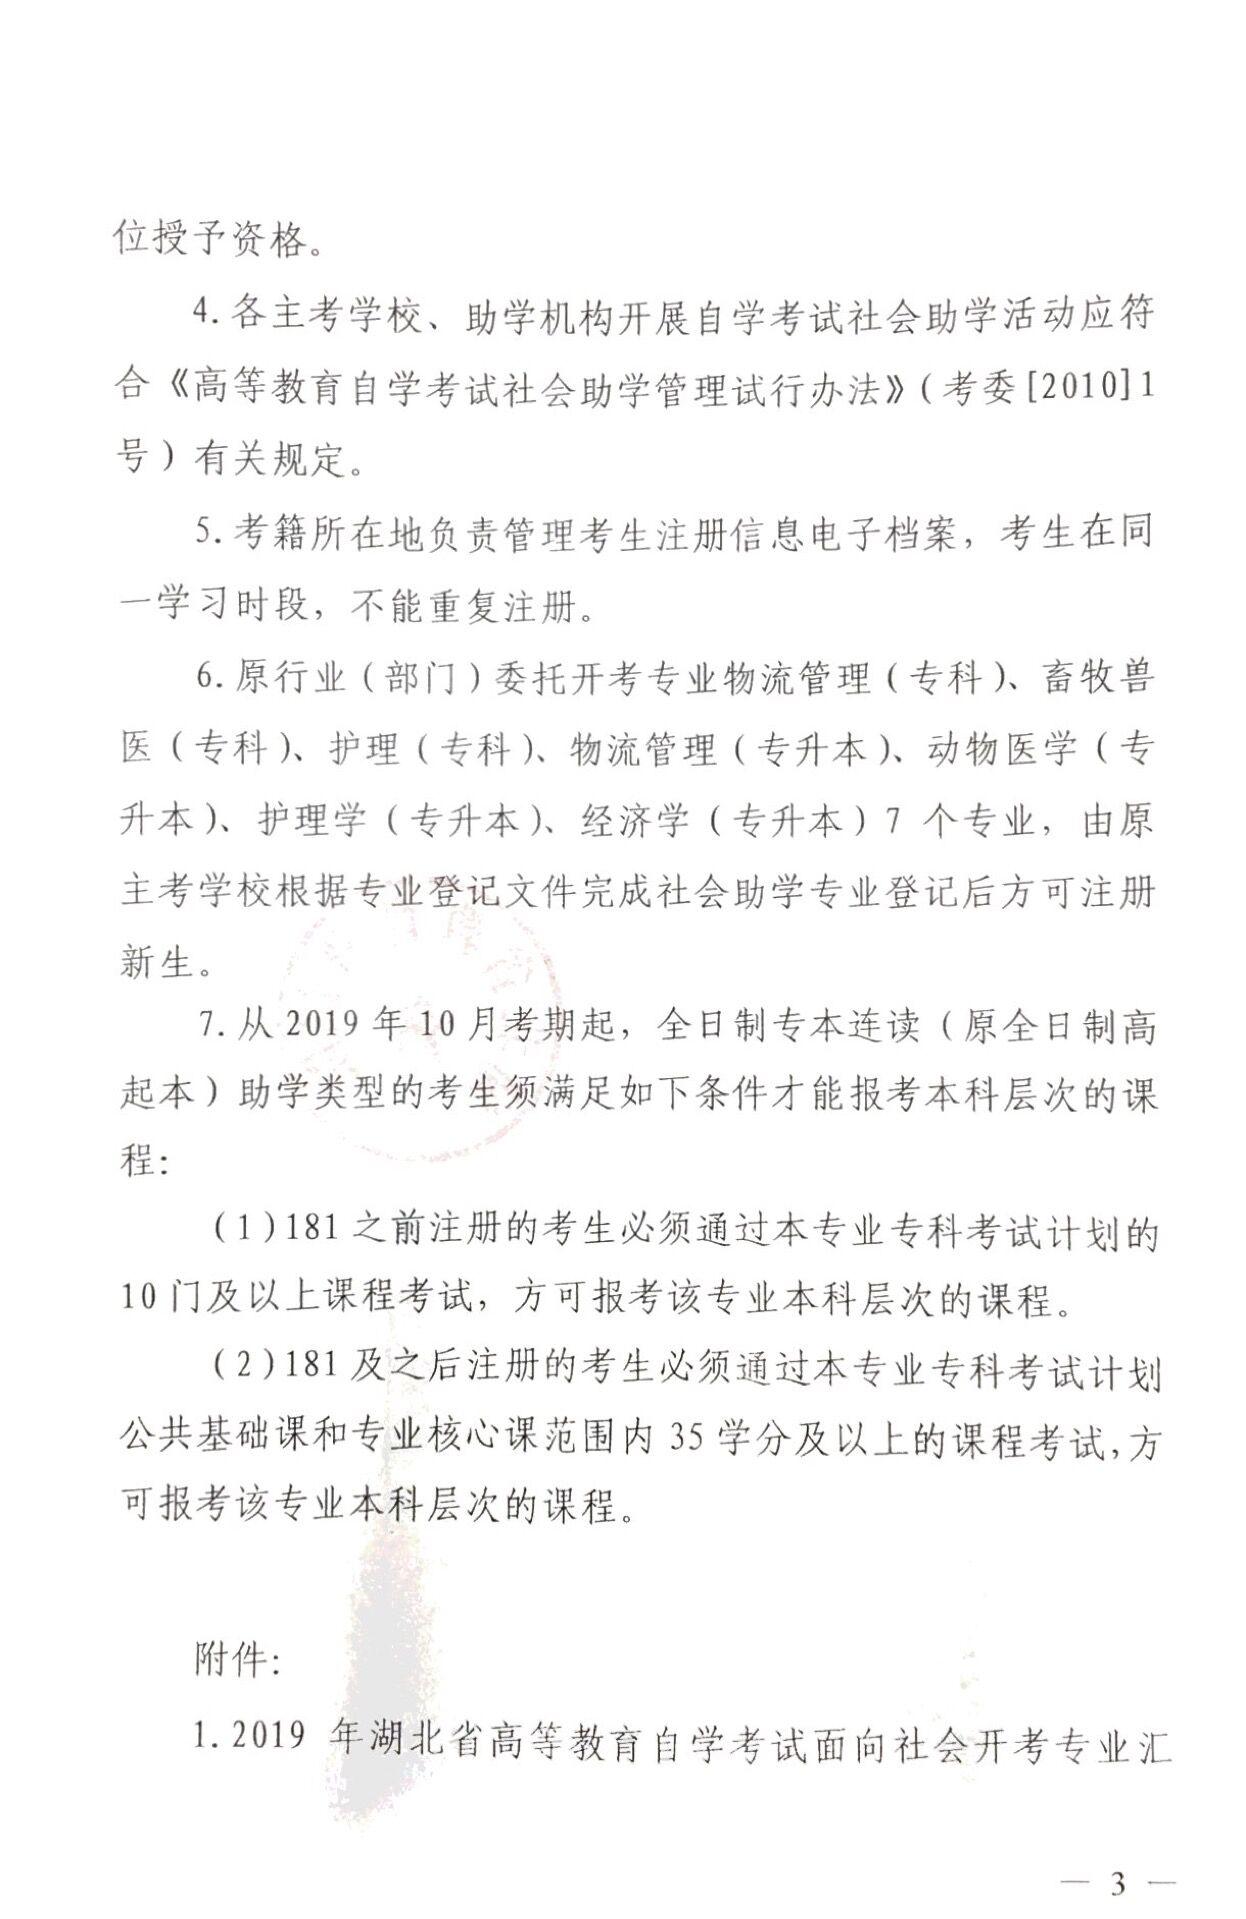 2019年湖北自学考试新生注册专业目录通知